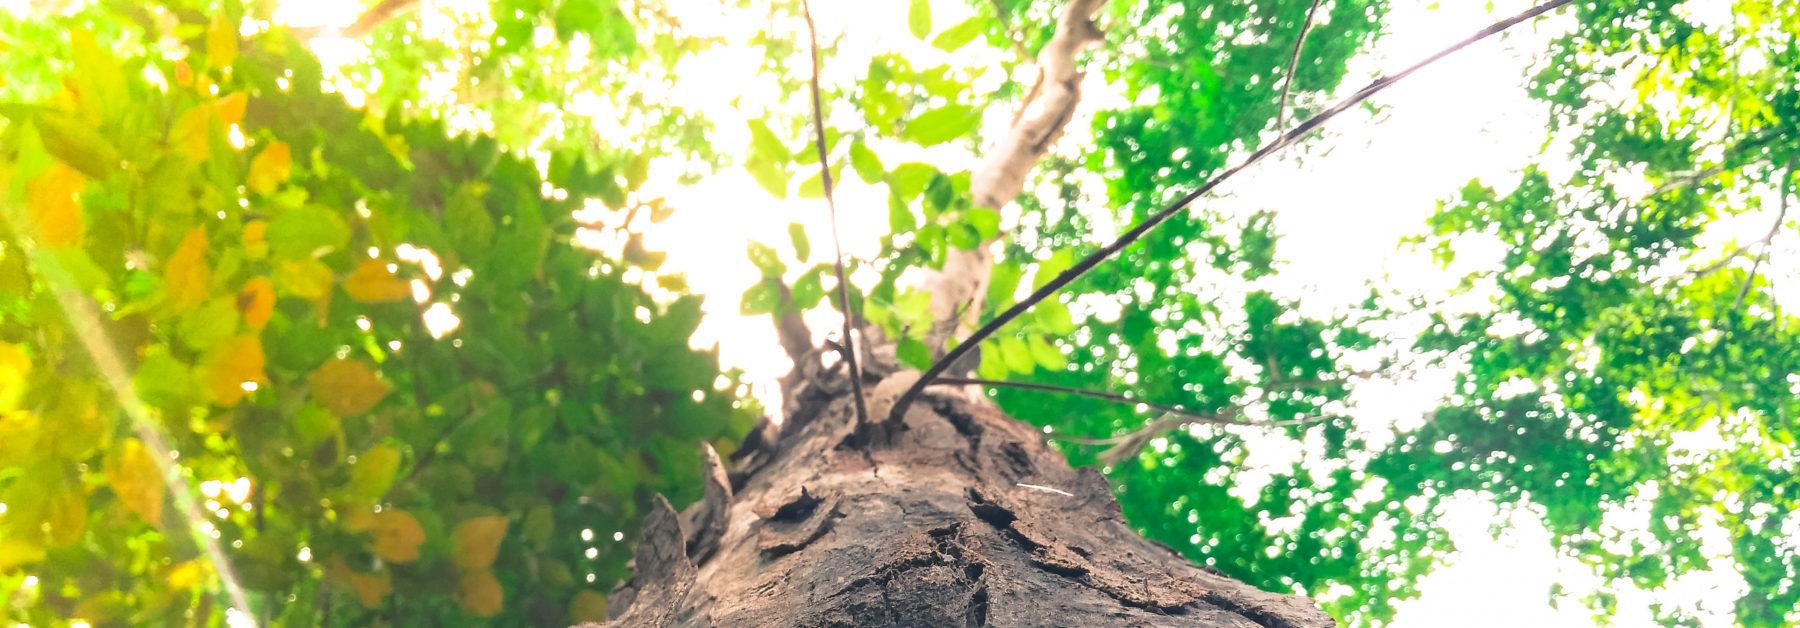 Treeification